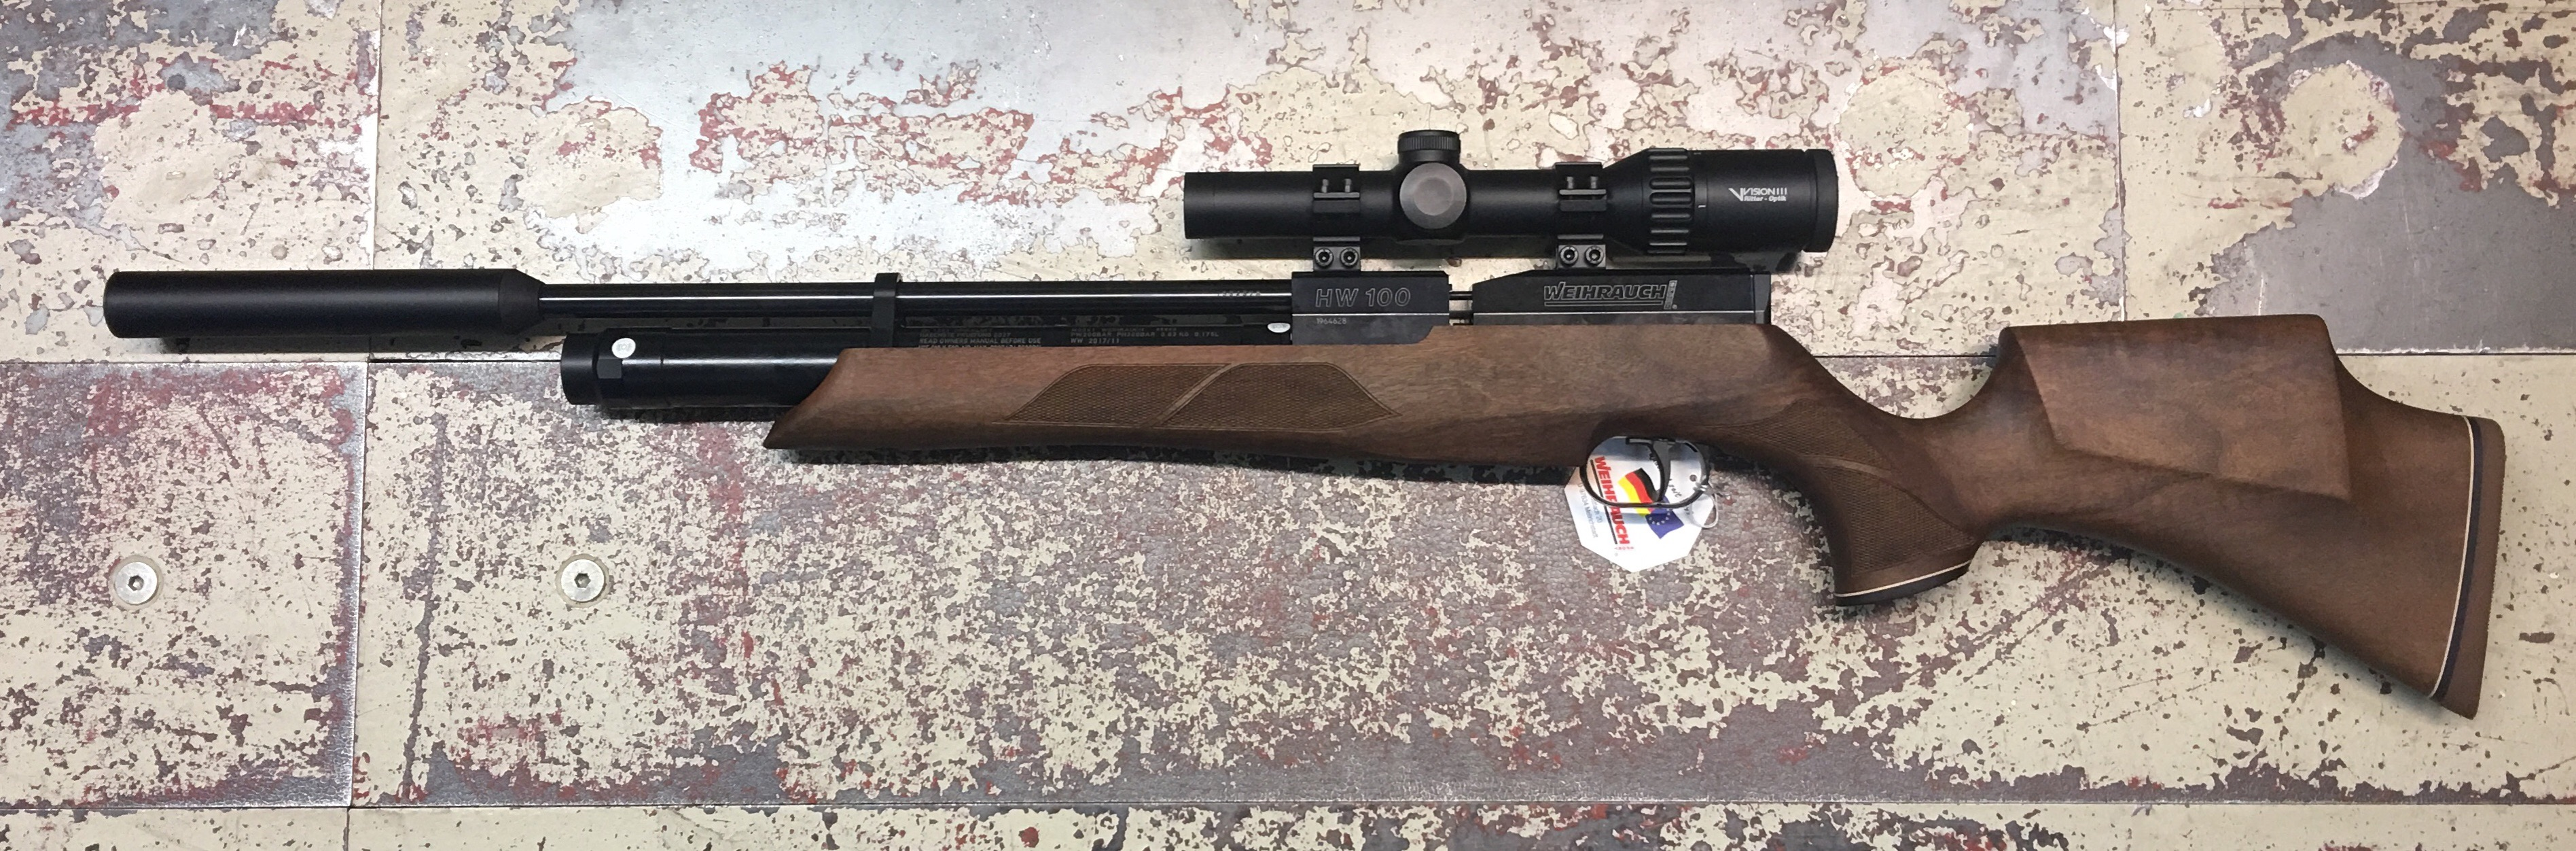 Auch für jagdliches Training mit einem guten Luftgewehr <a href=1160470-S-SD-UTG44.htm>(wie so einem HW 100)</a> ist diese Optik eine hervorragende Wahl.